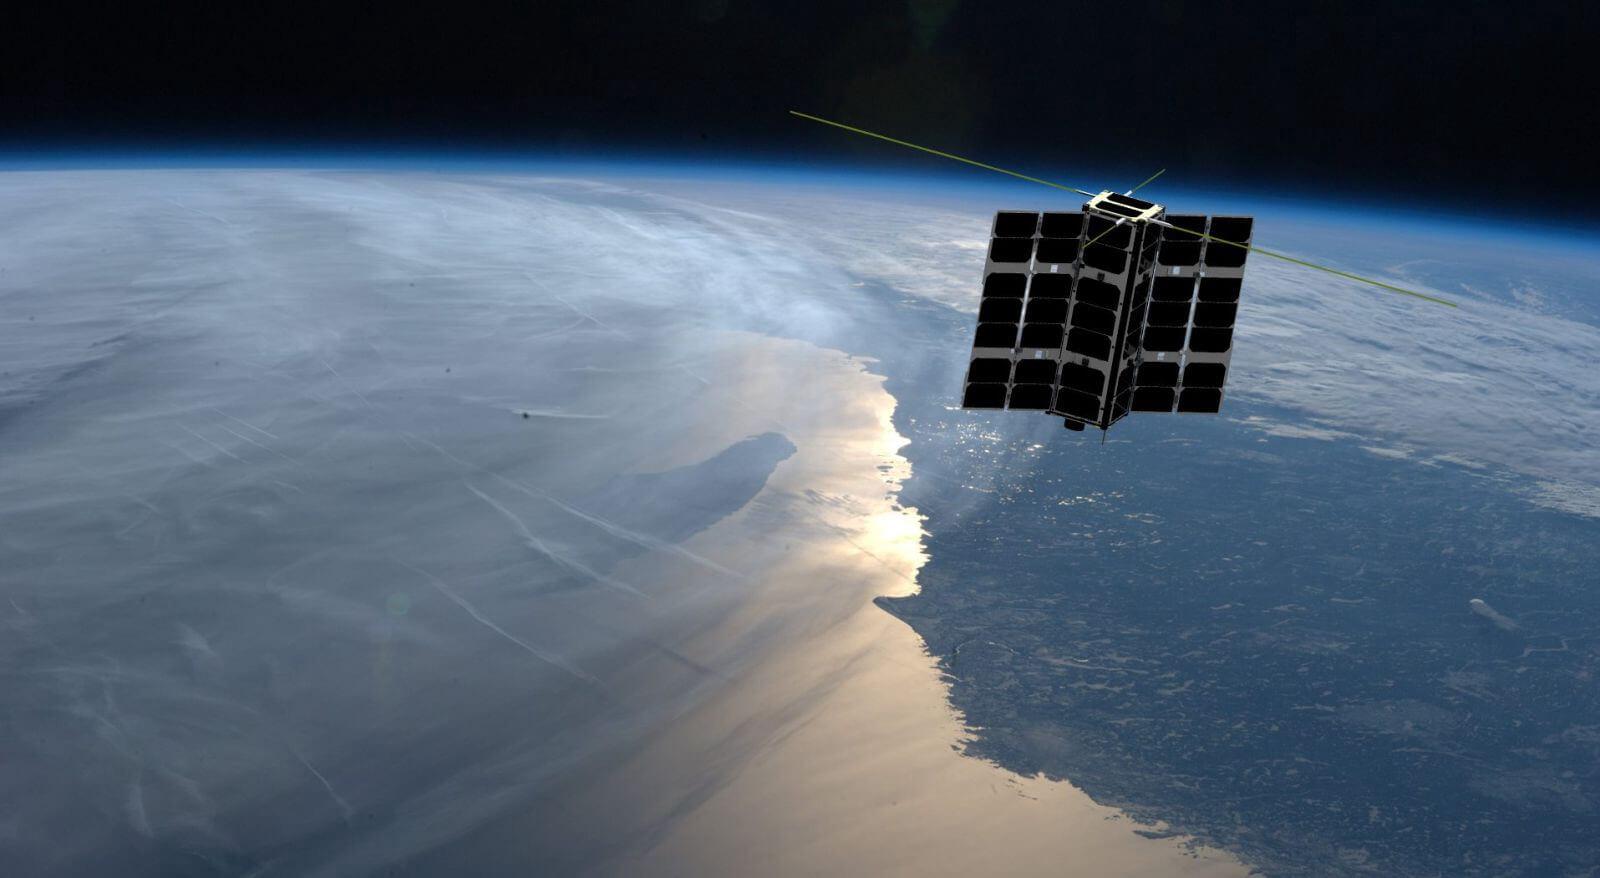 Два спутника почти столкнулись. Как им удалось избежать крушения?